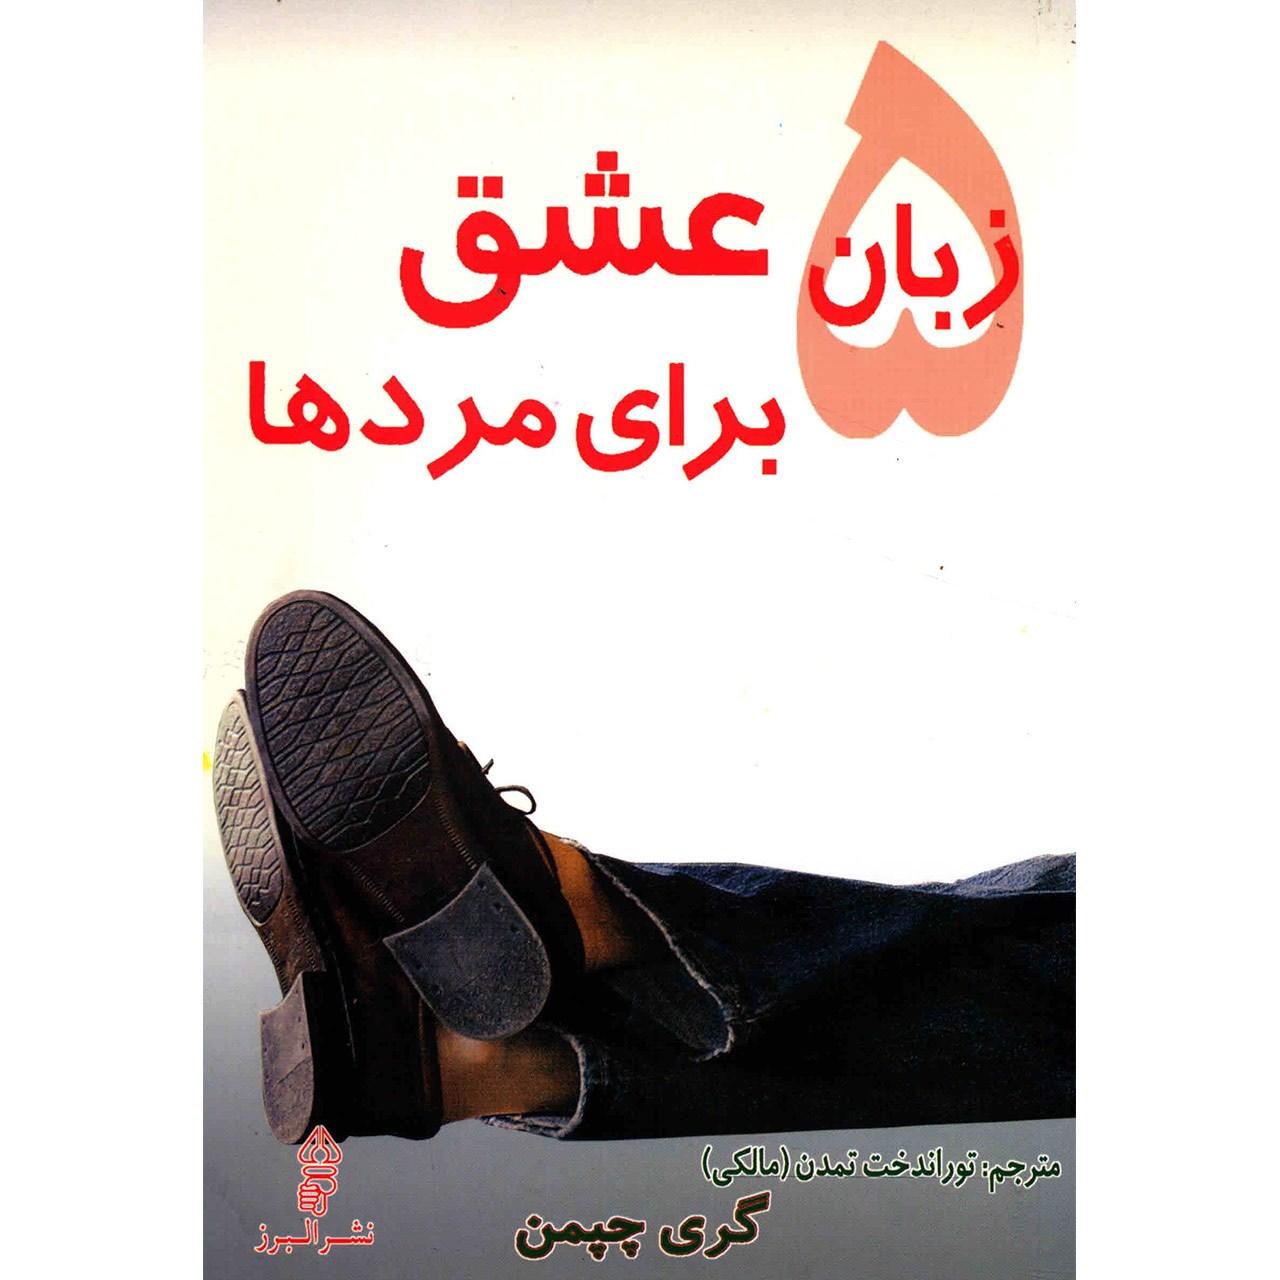 کتاب 5 زبان عشق برای مردها اثر گری چپمن